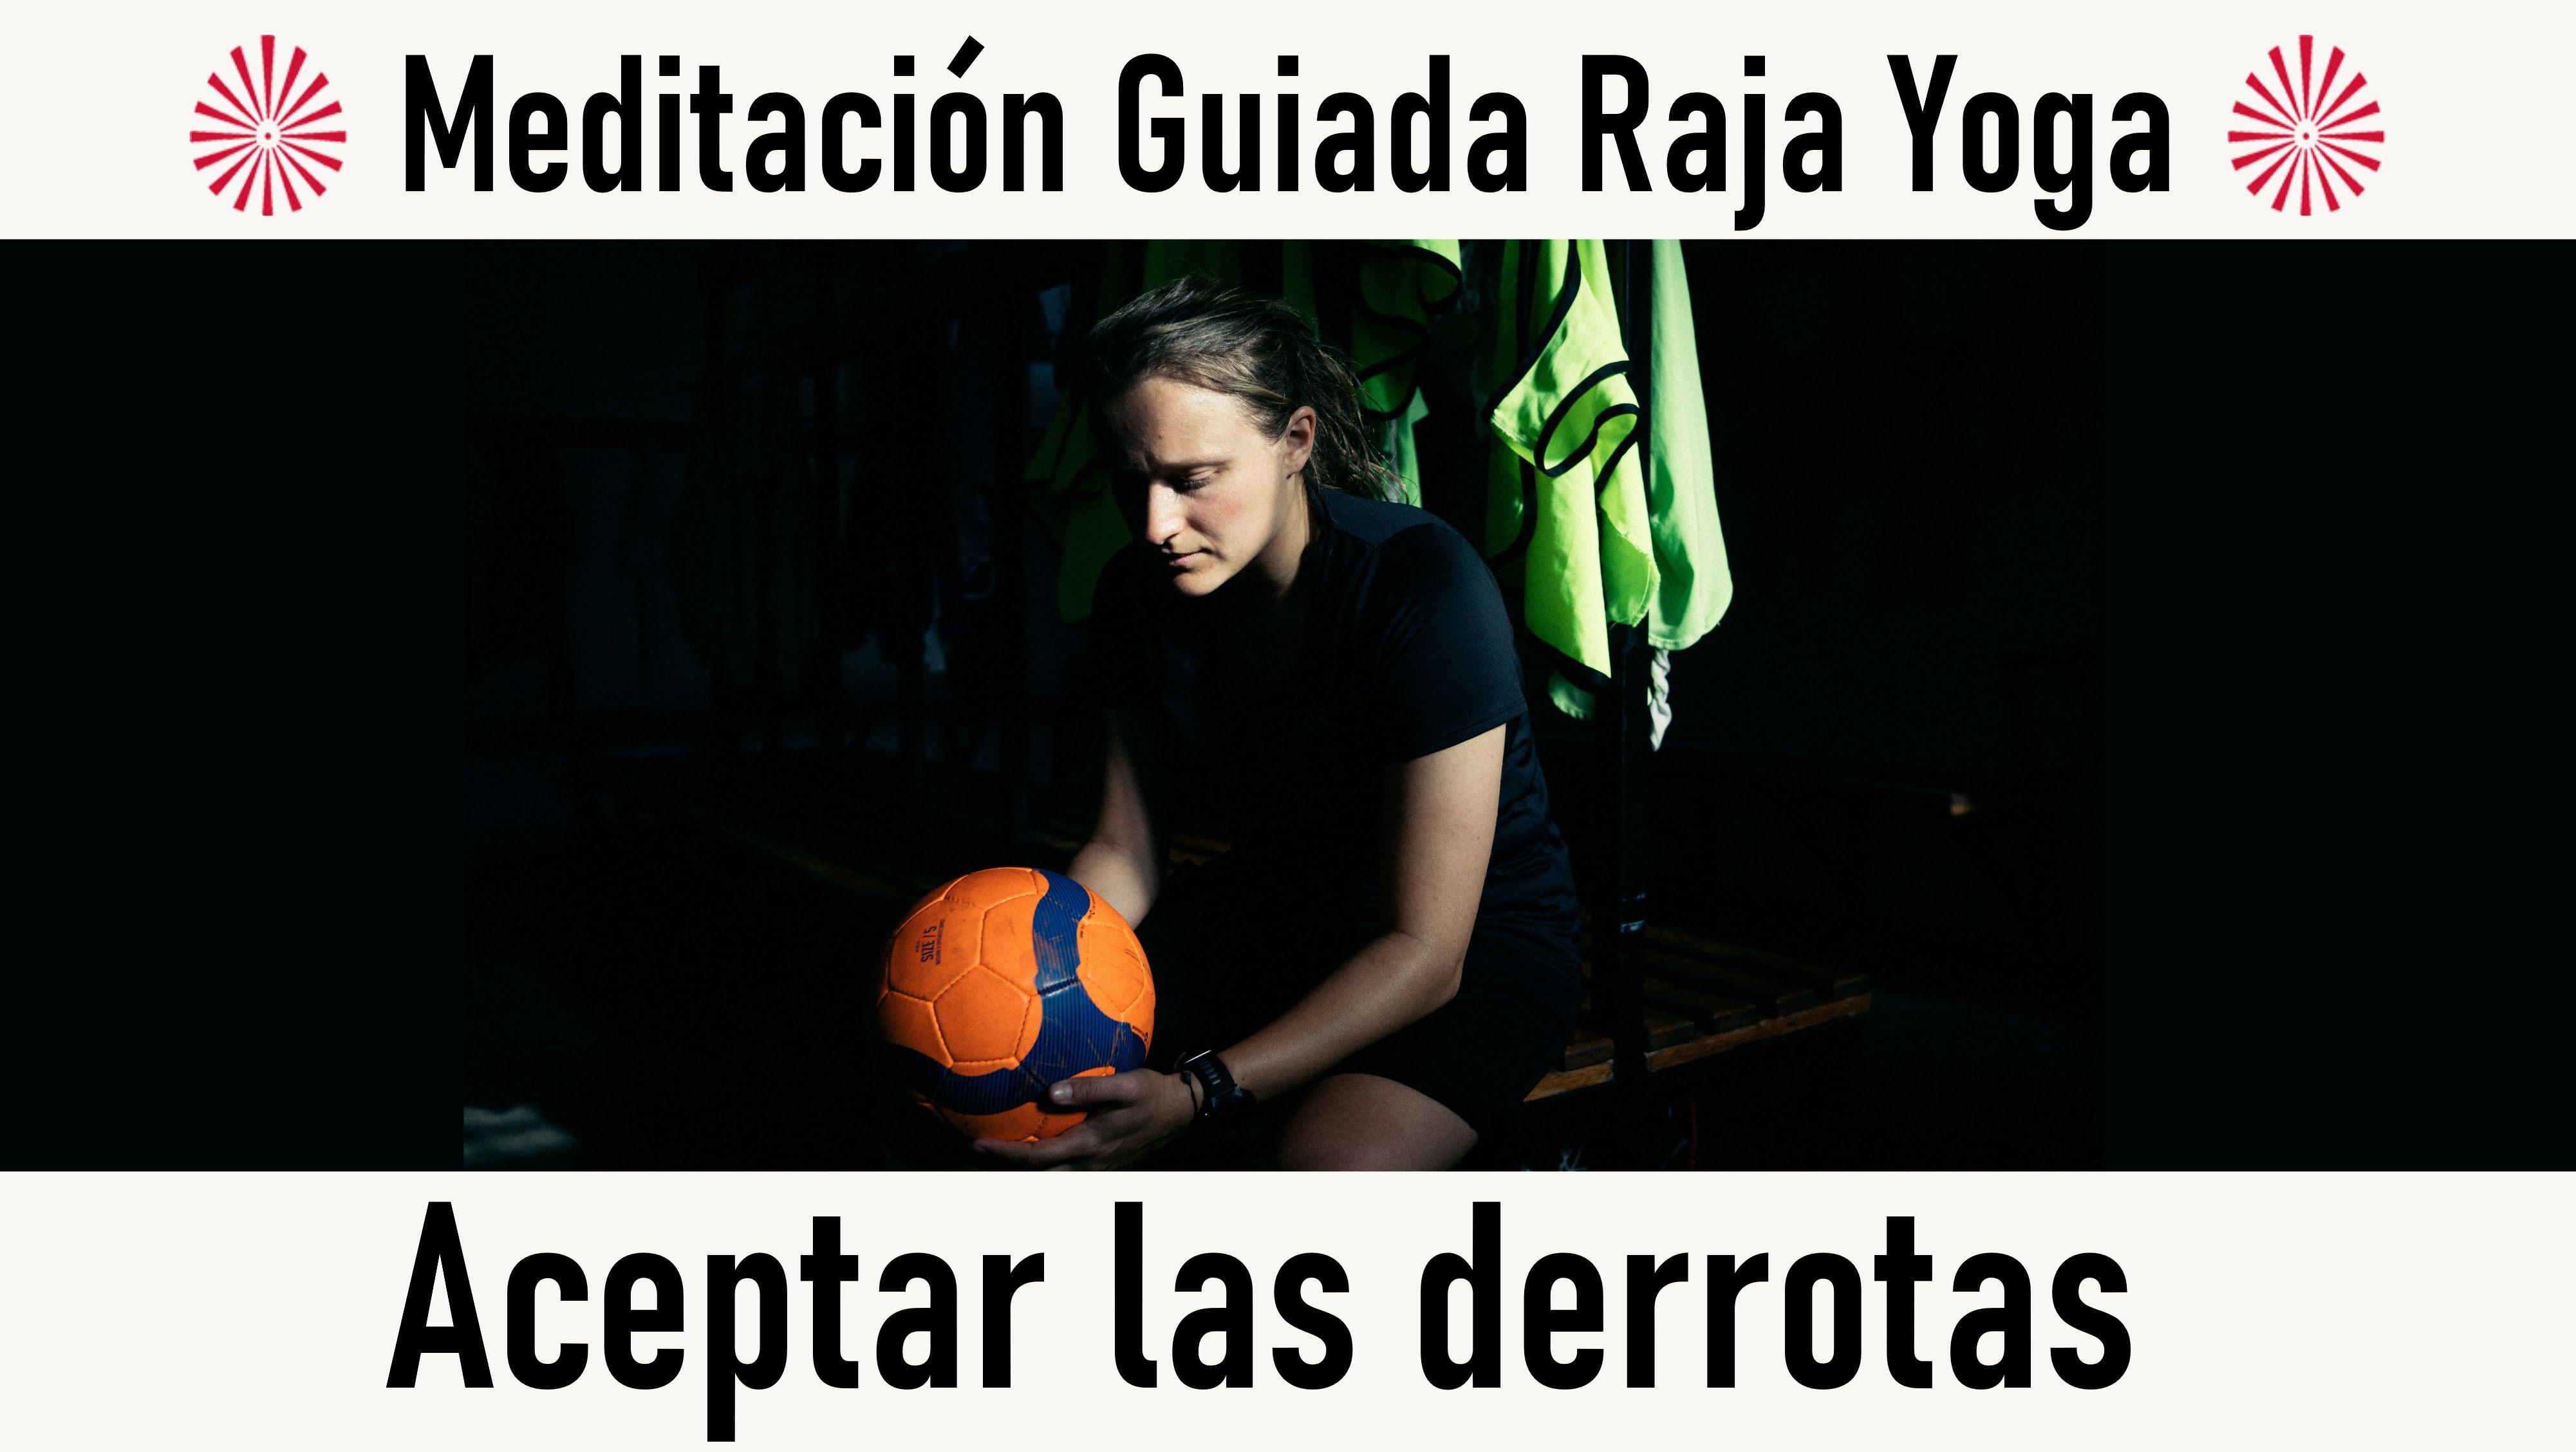 Meditación Raja Yoga: Aceptar las derrotas (30 Octubre 2020) On-line desde Madrid